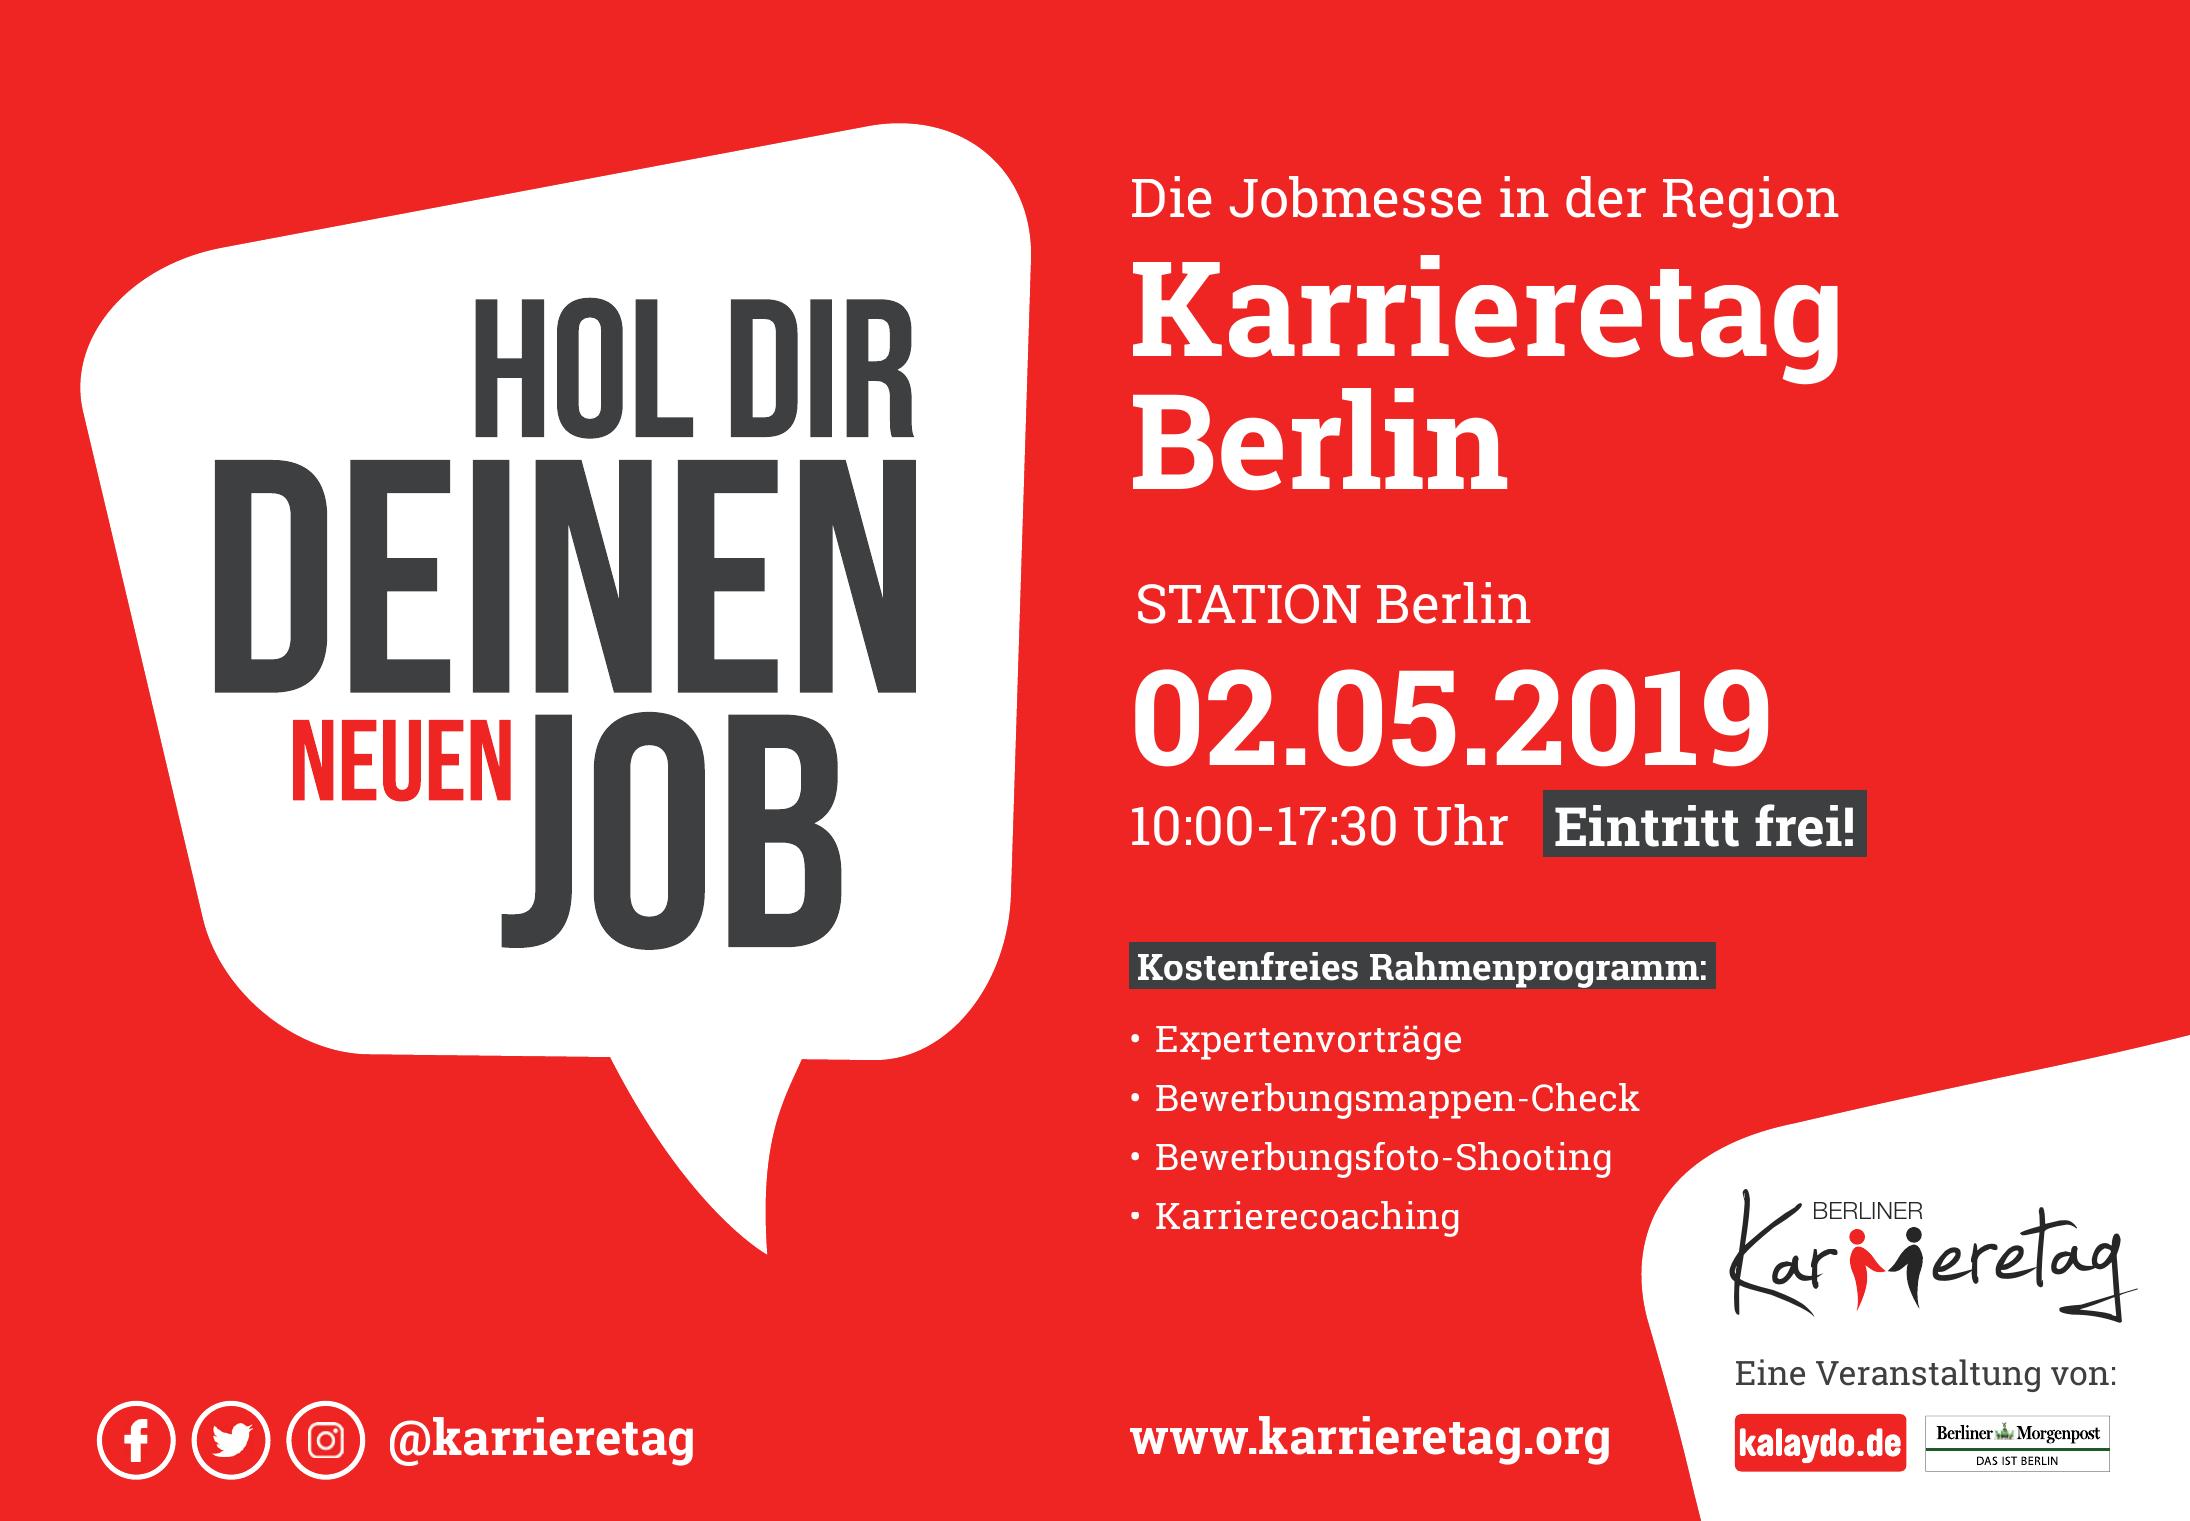 Berliner Karrieretag